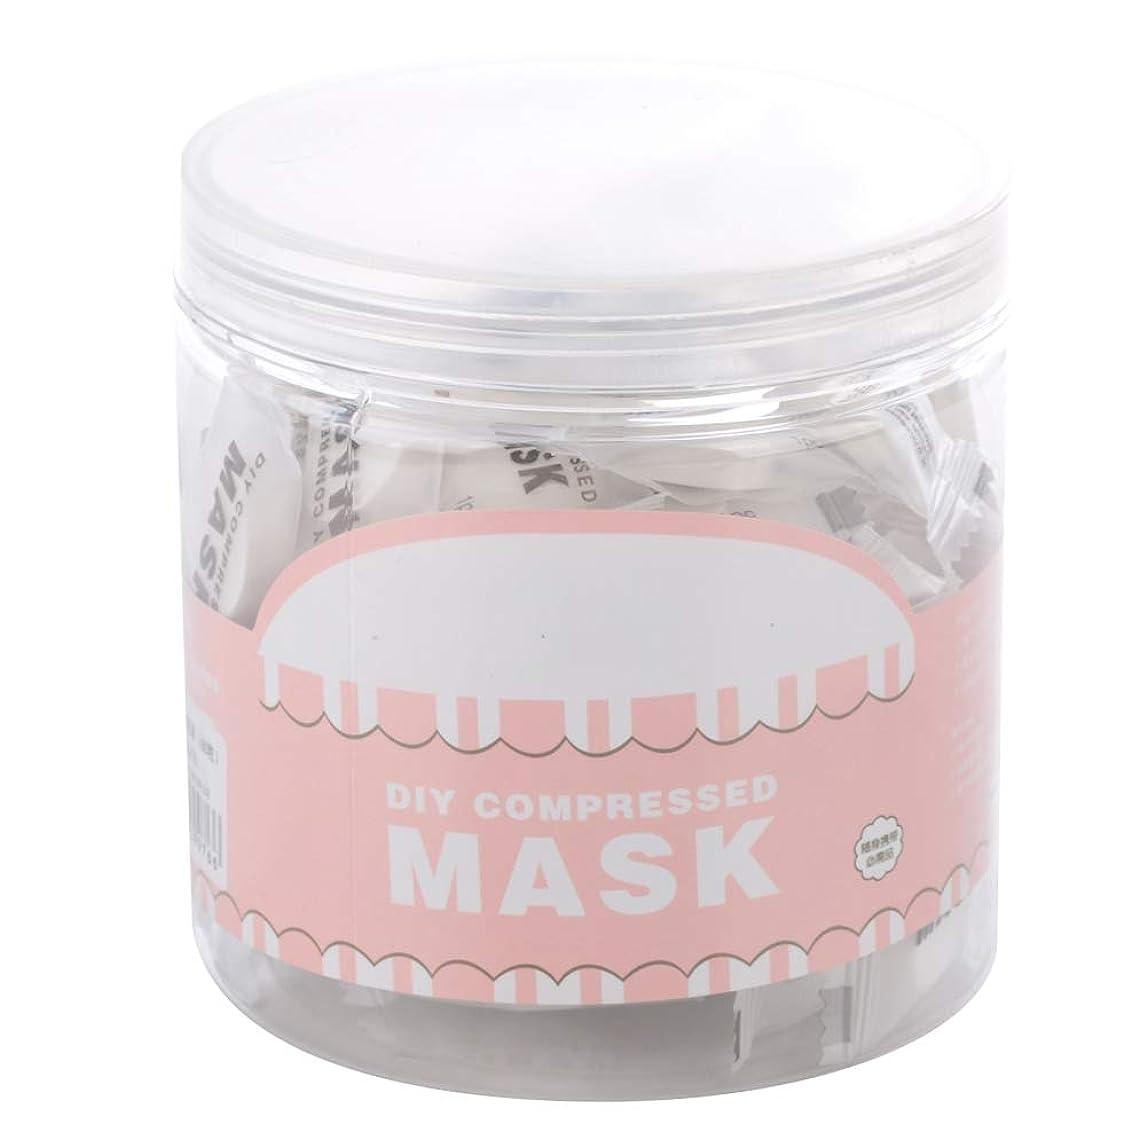 何もないサミュエルセーブ圧縮マスク、圧縮美容マスク、日曜大工コットンマスク、高保湿、個別包装、60枚